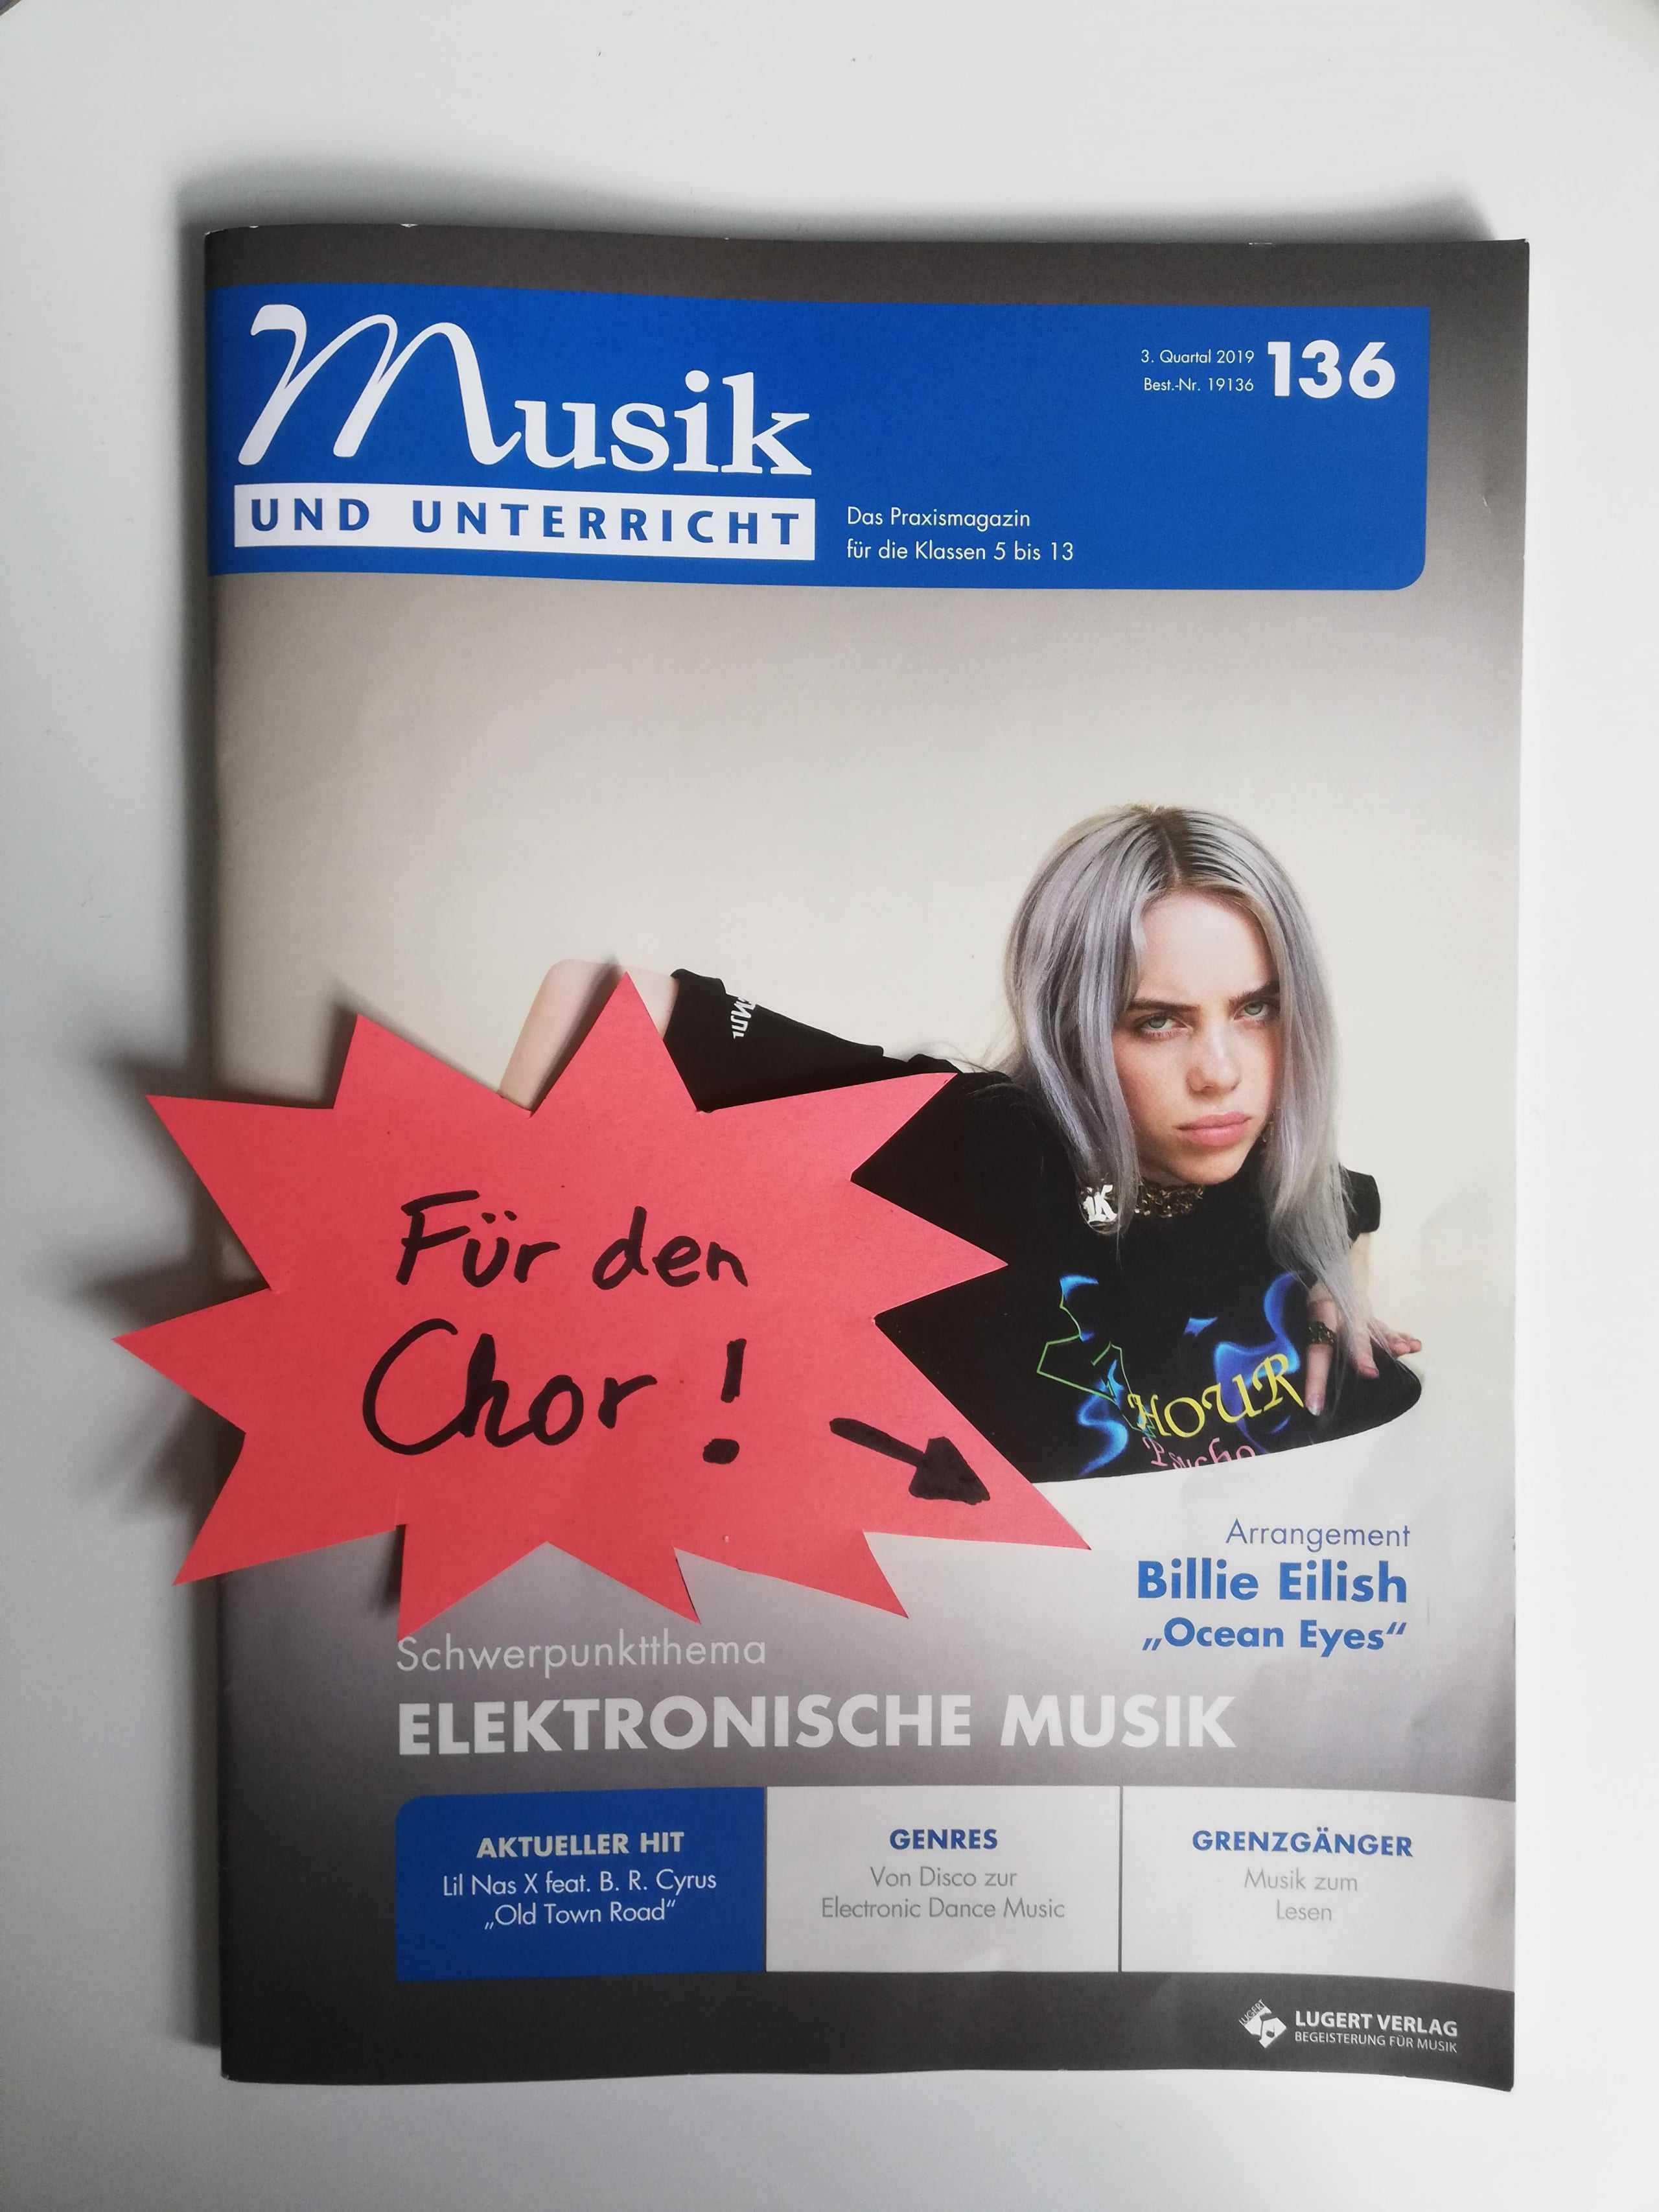 Billie Eilish Chor